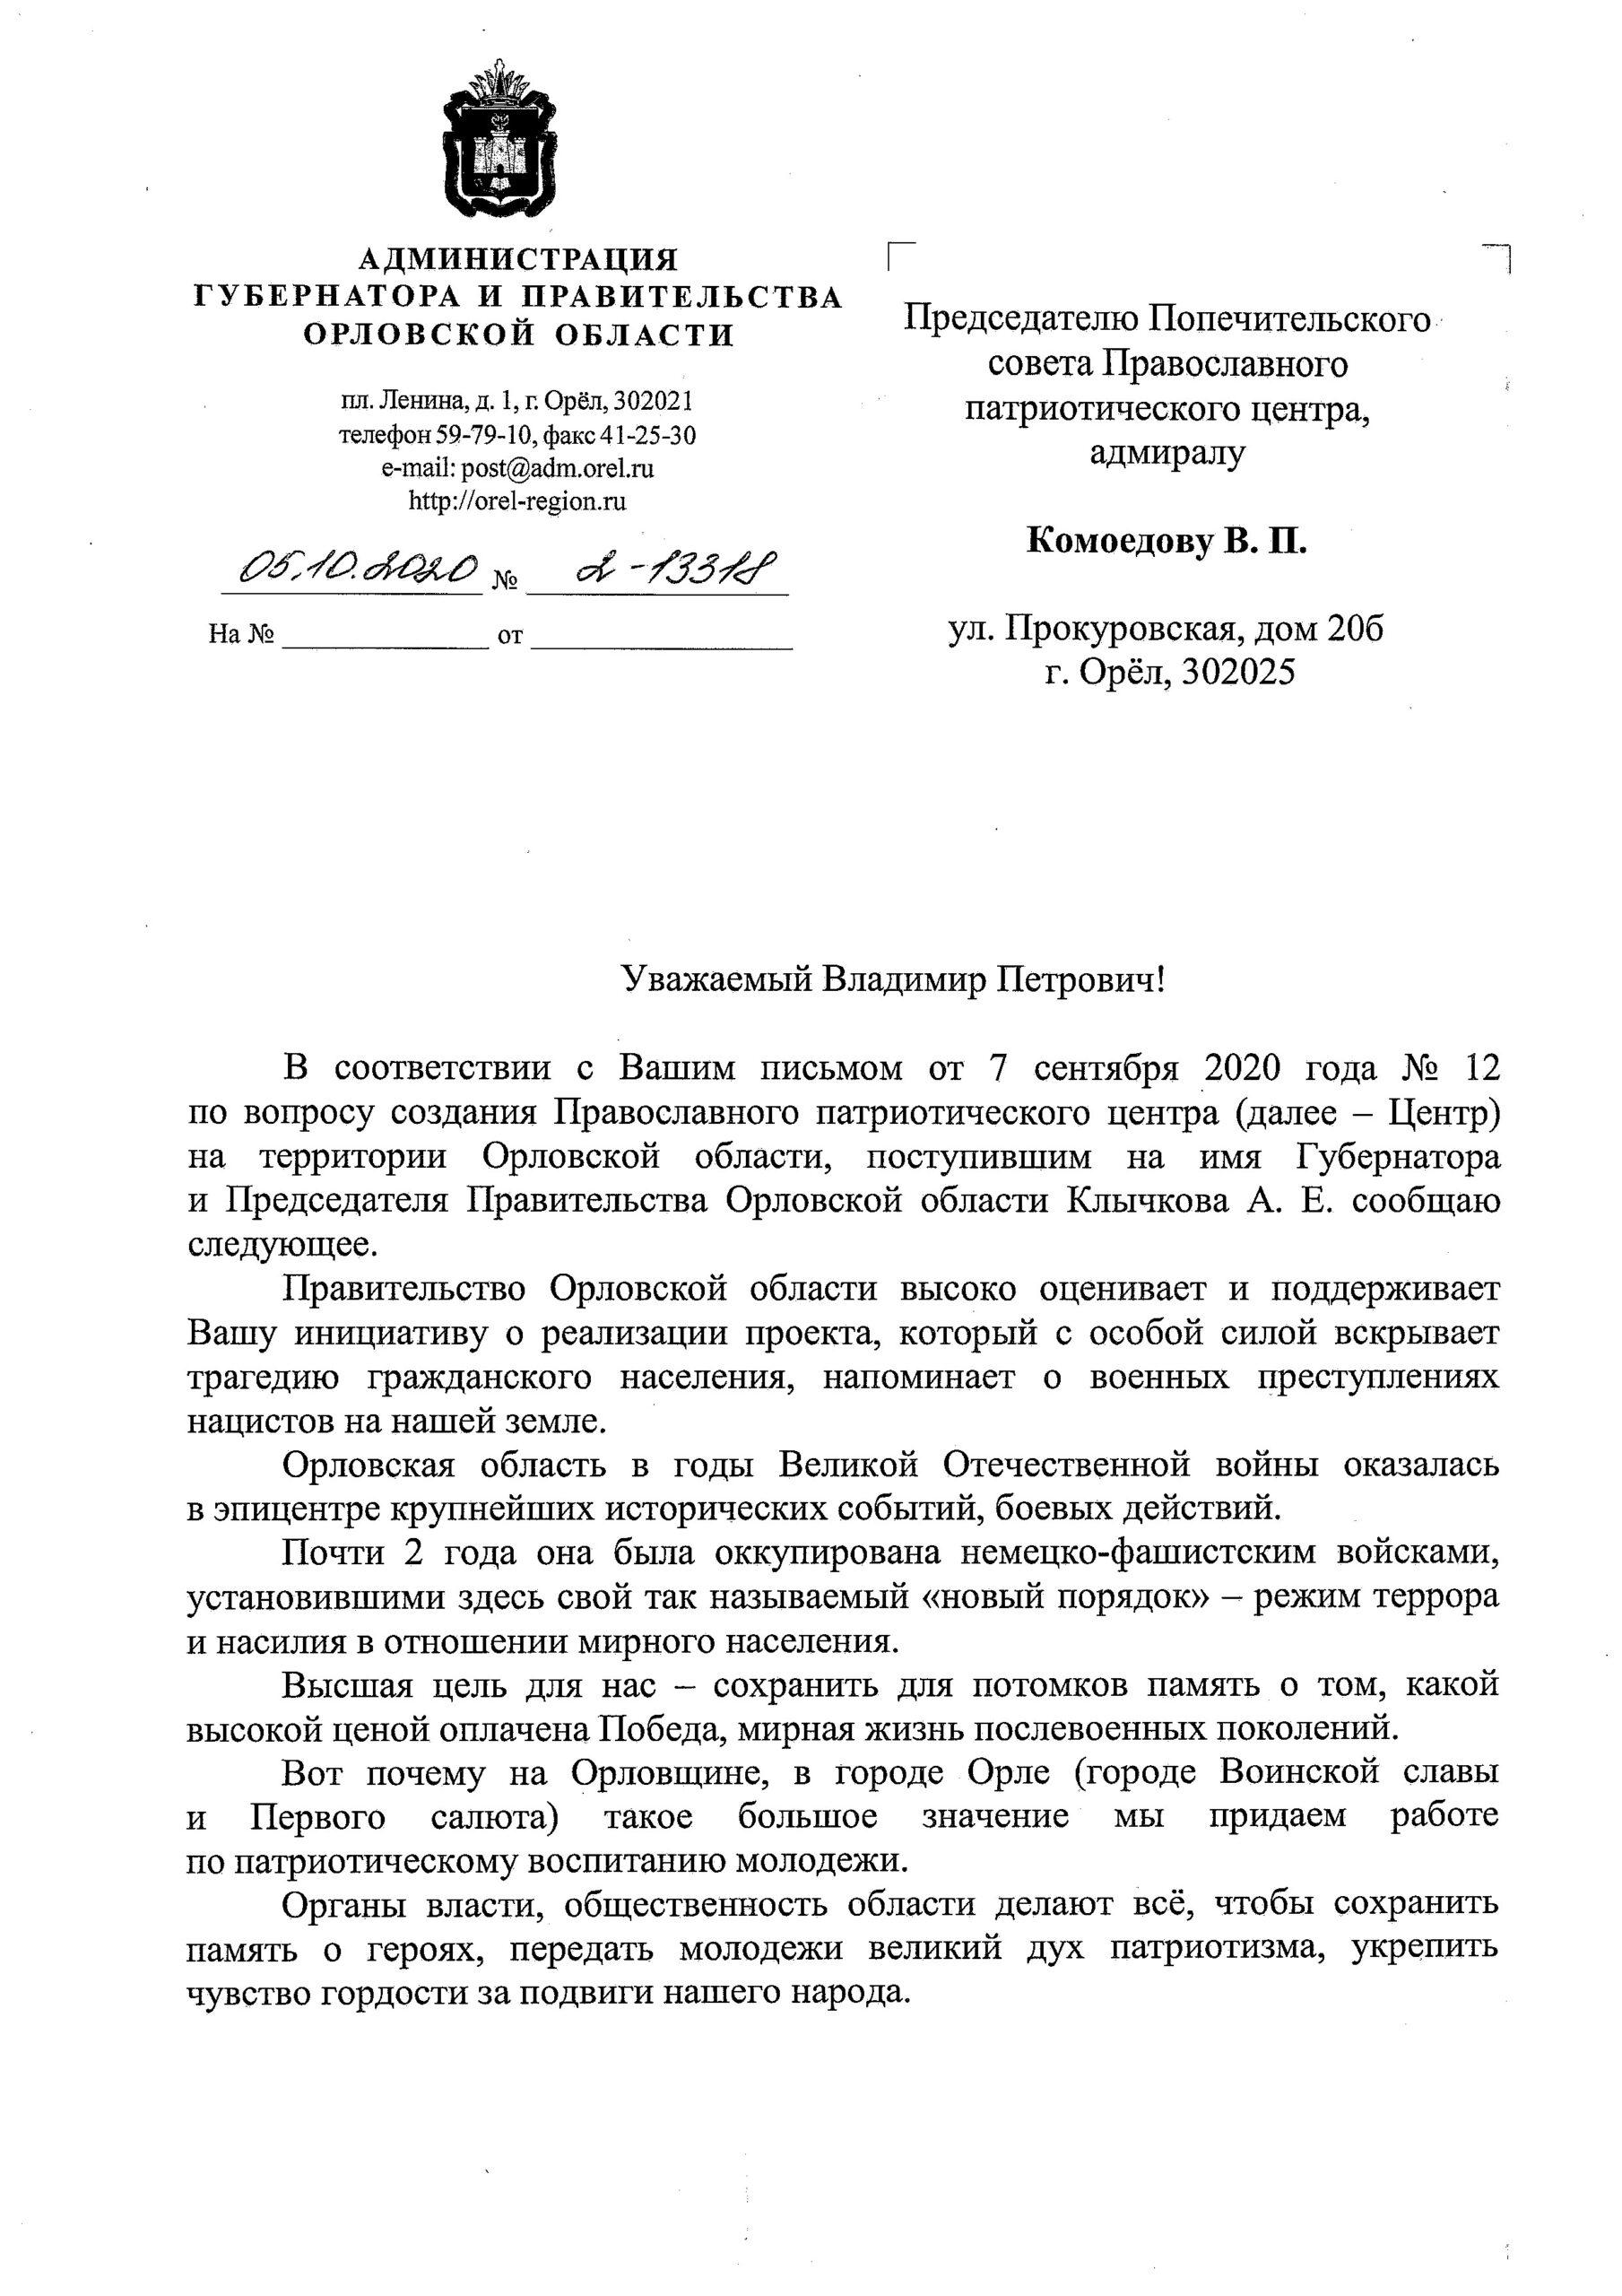 Ответ Администрации Губернатора и Правительства Орловской области на письмо адмирала Комедова В.П